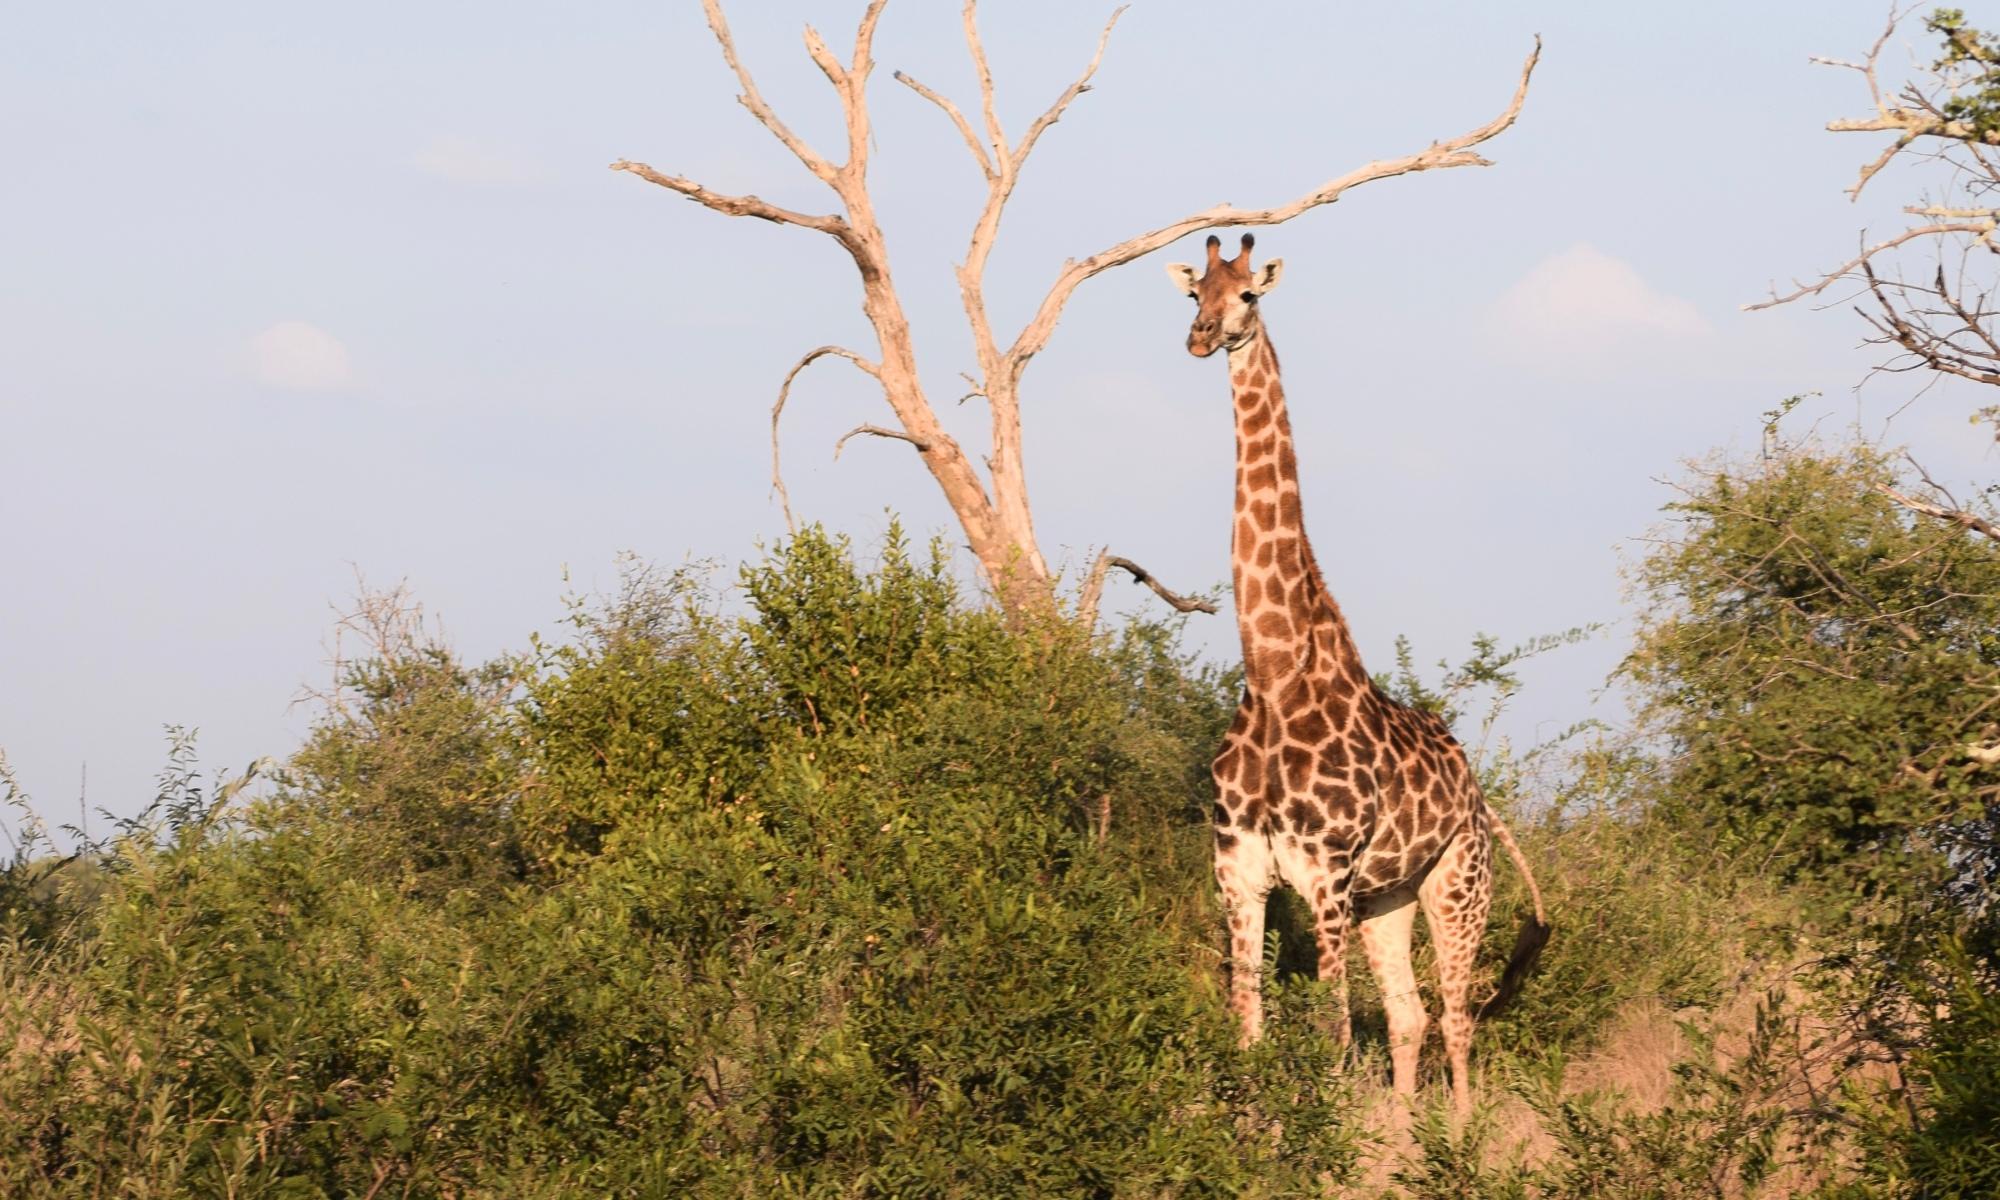 Giraffe in South Africa- Photo taken by Jeff Hyer